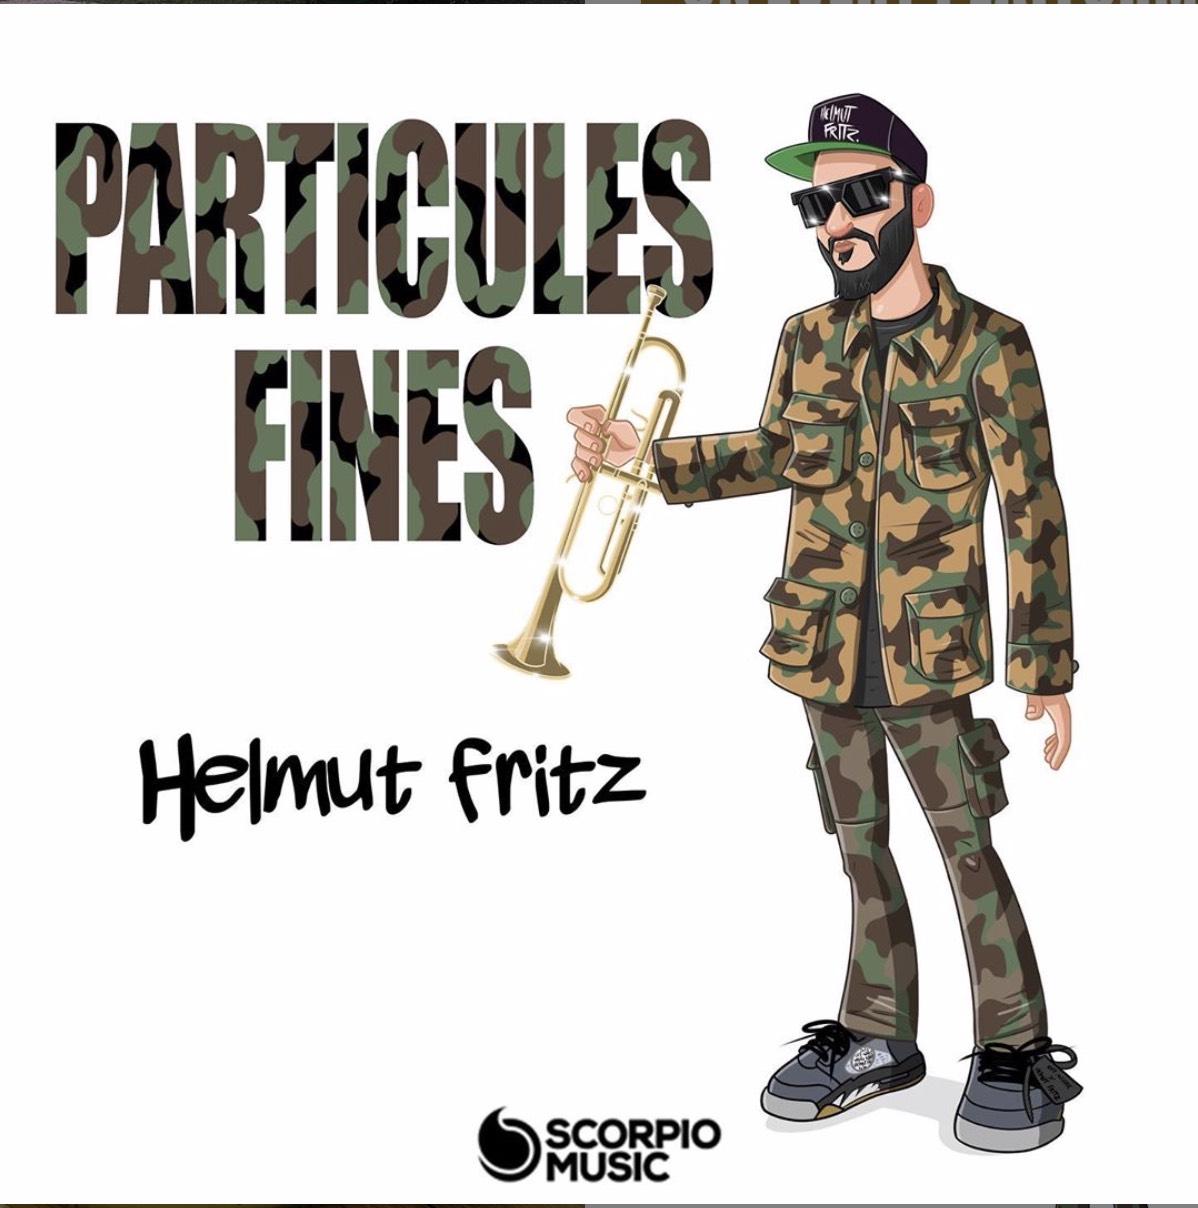 Helmut Fritz - Particules fines - déconfinement